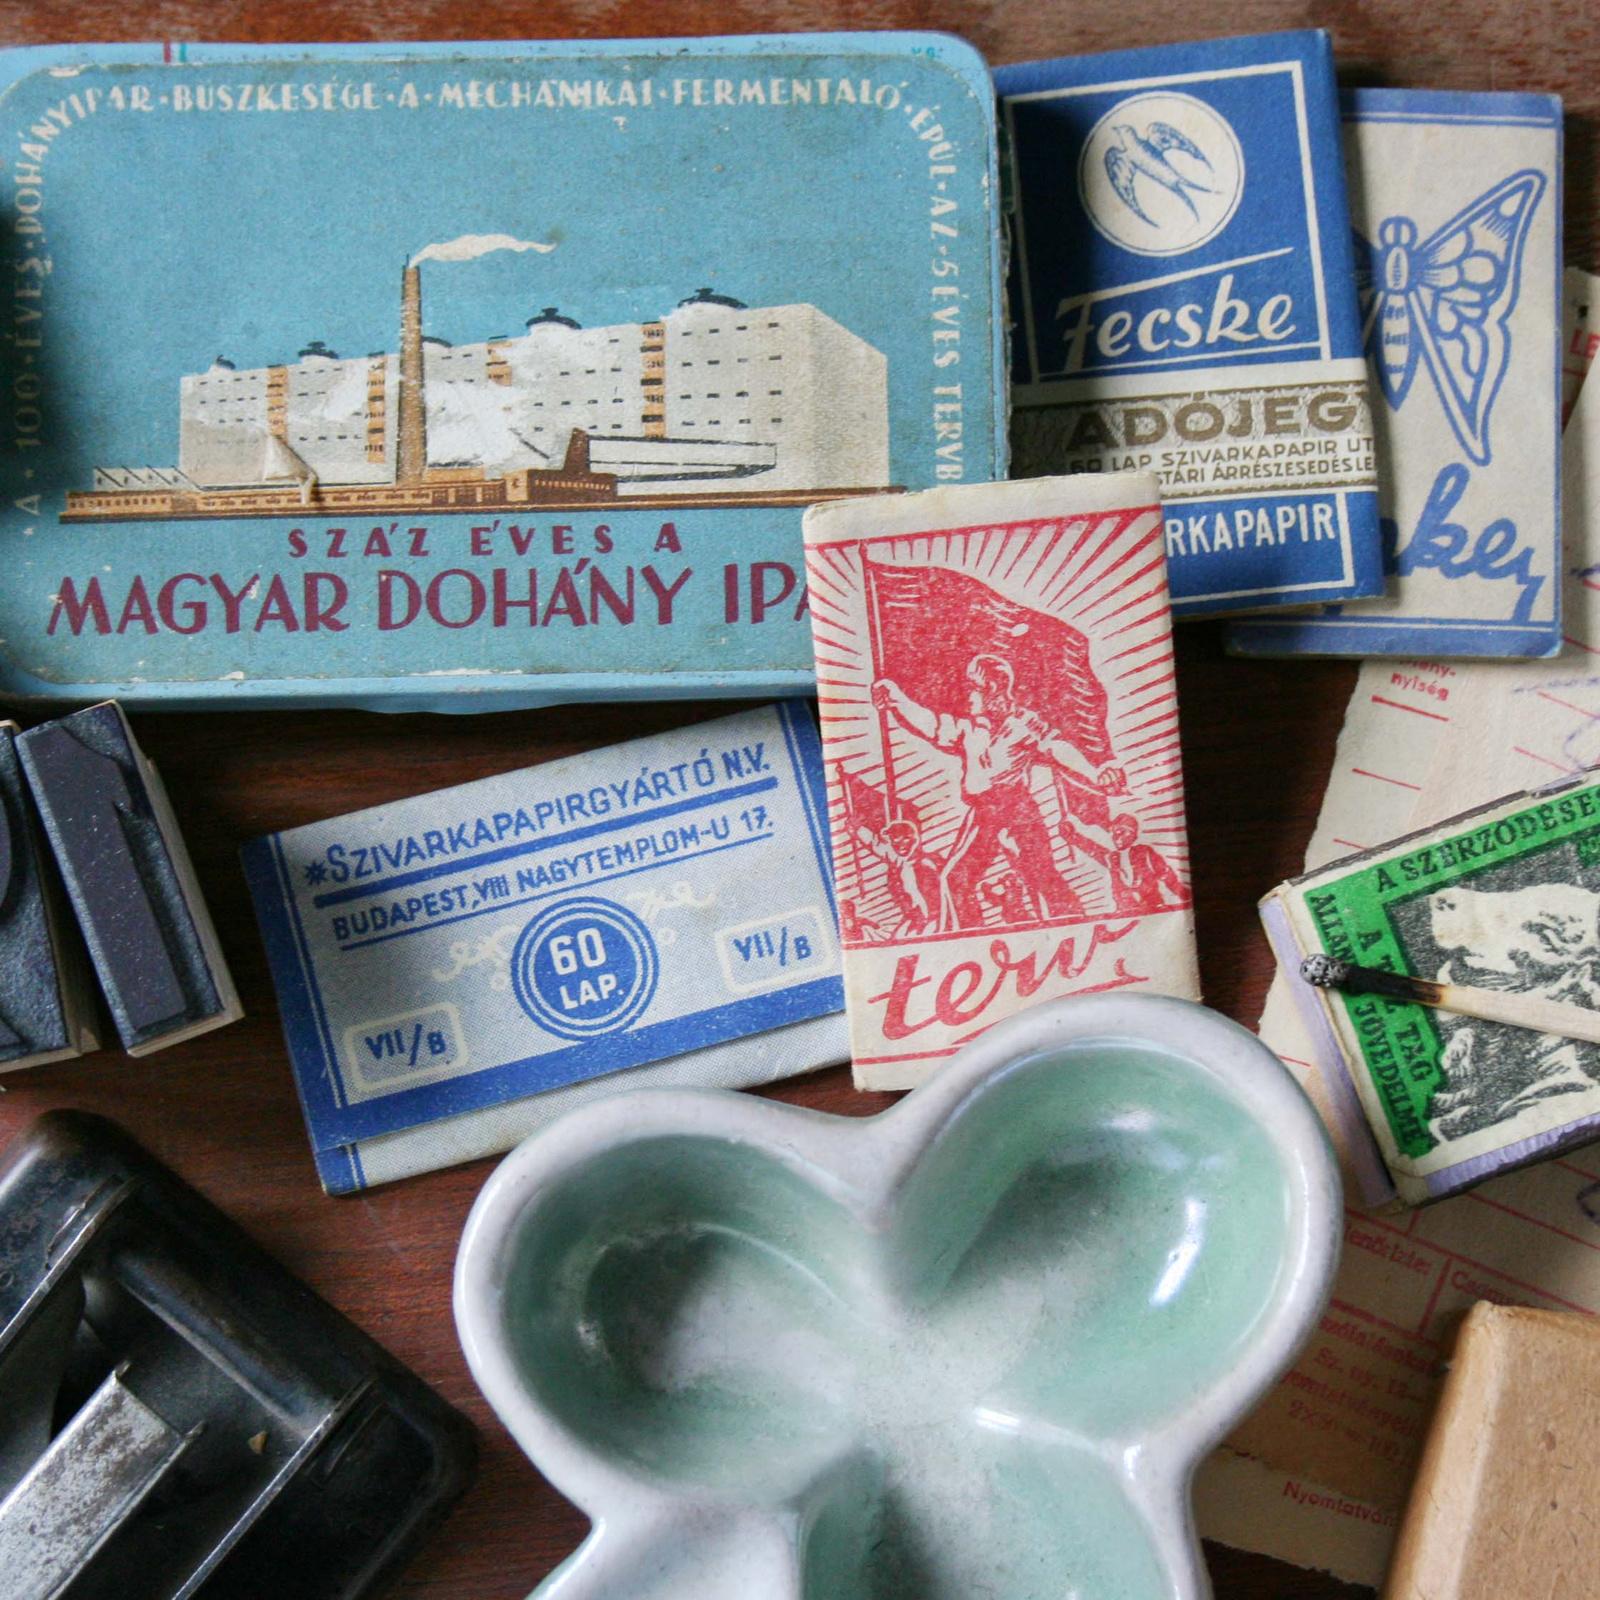 cigaretta szünet 1950-ben